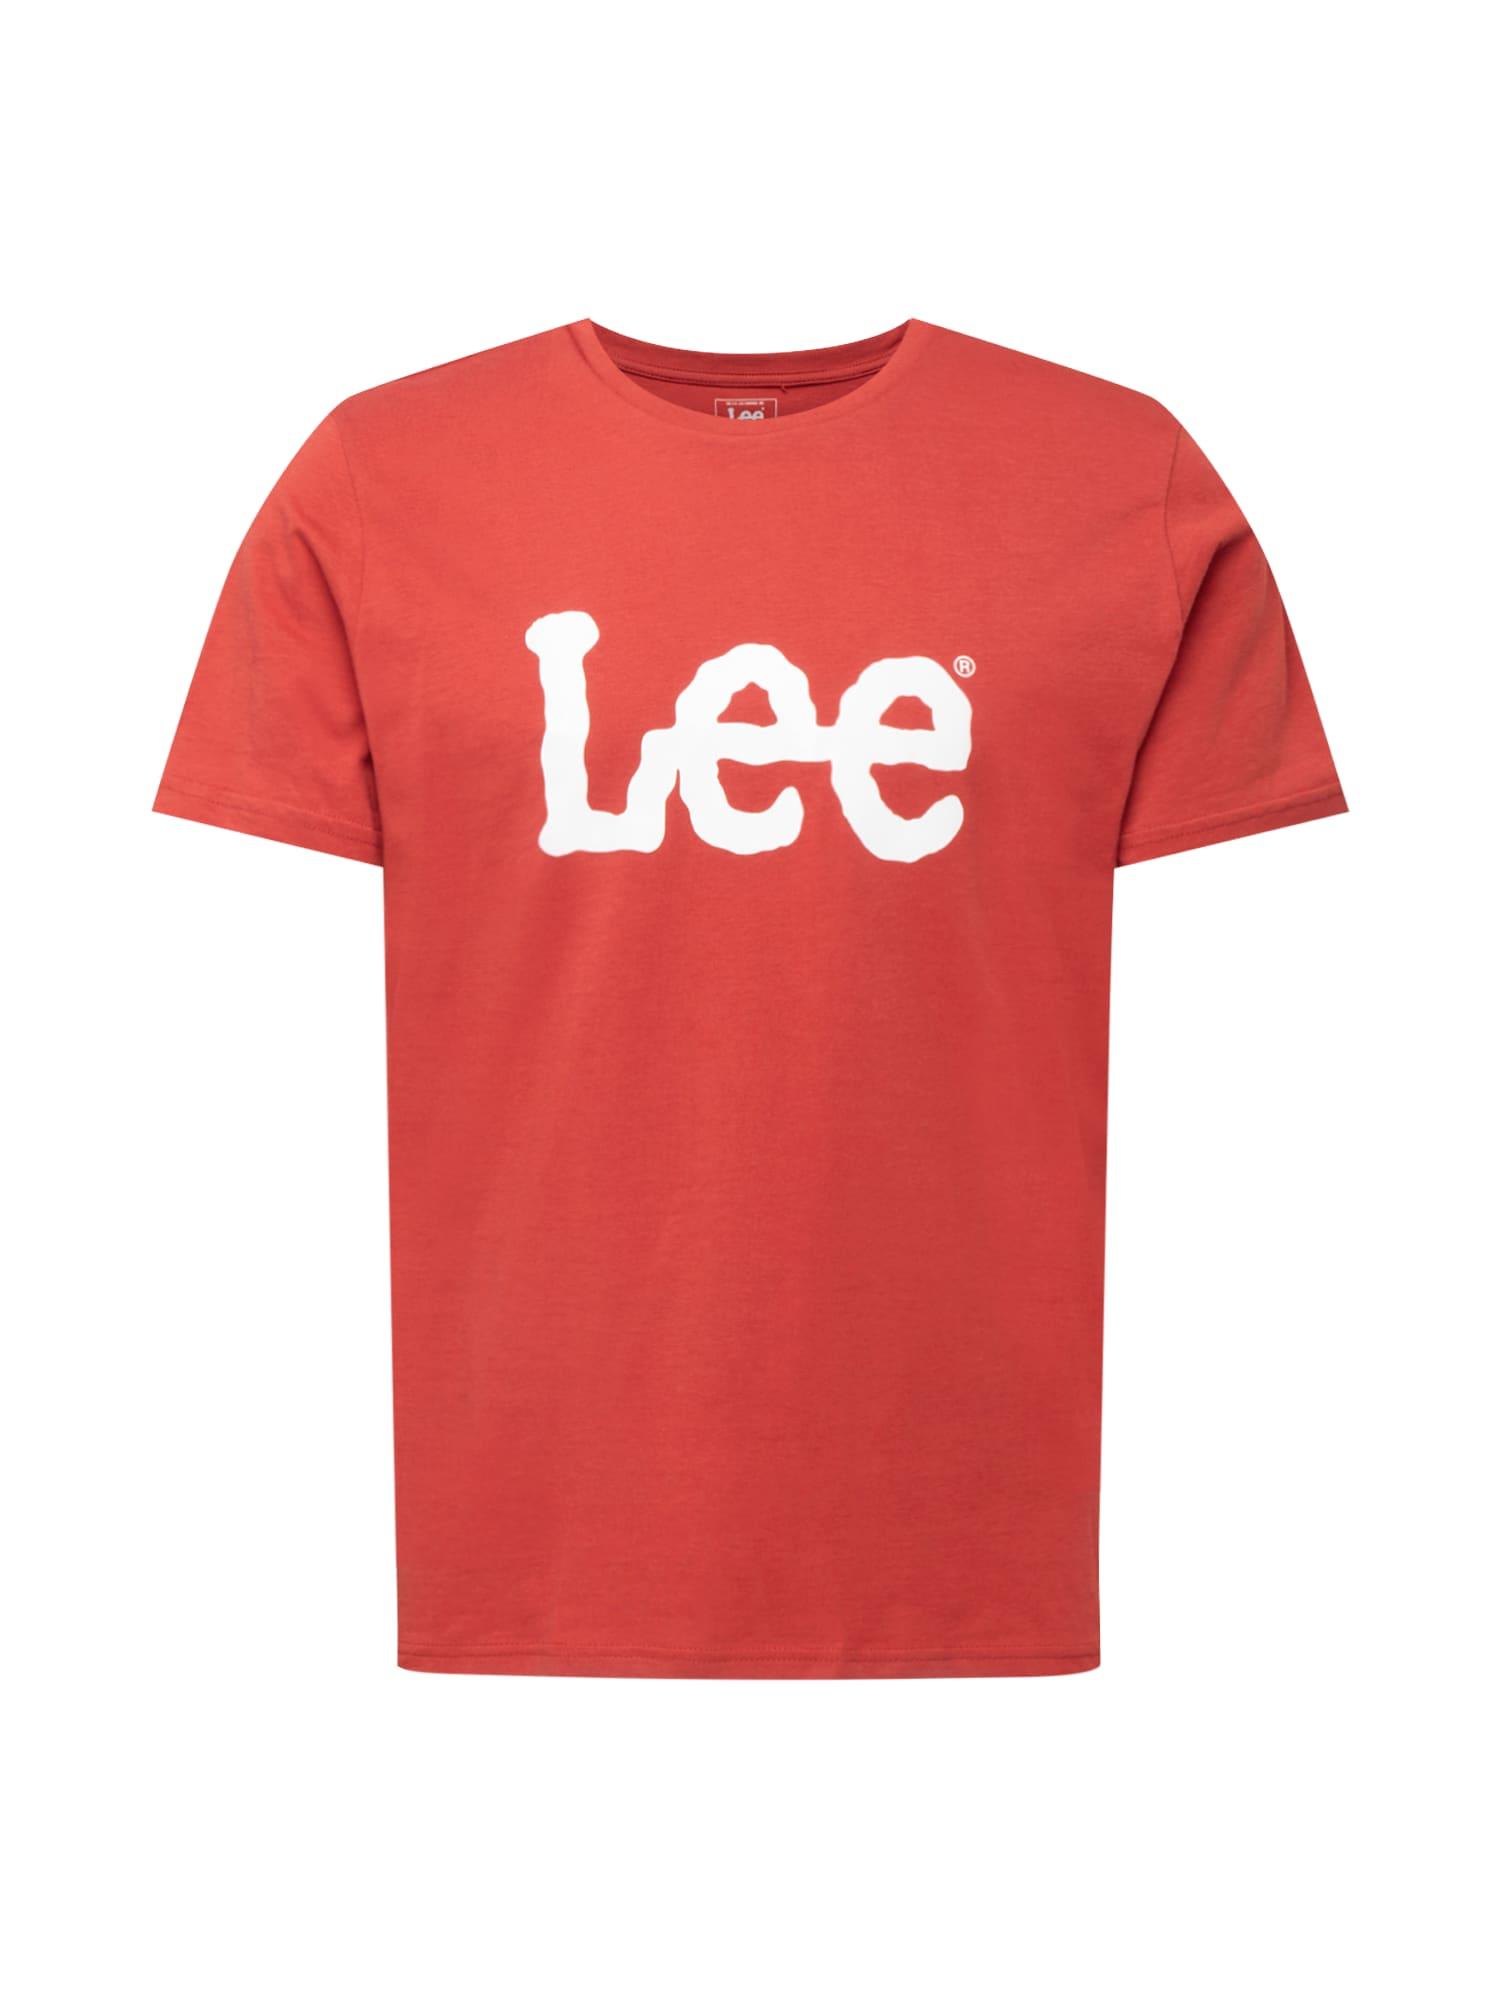 Lee Marškinėliai raudona